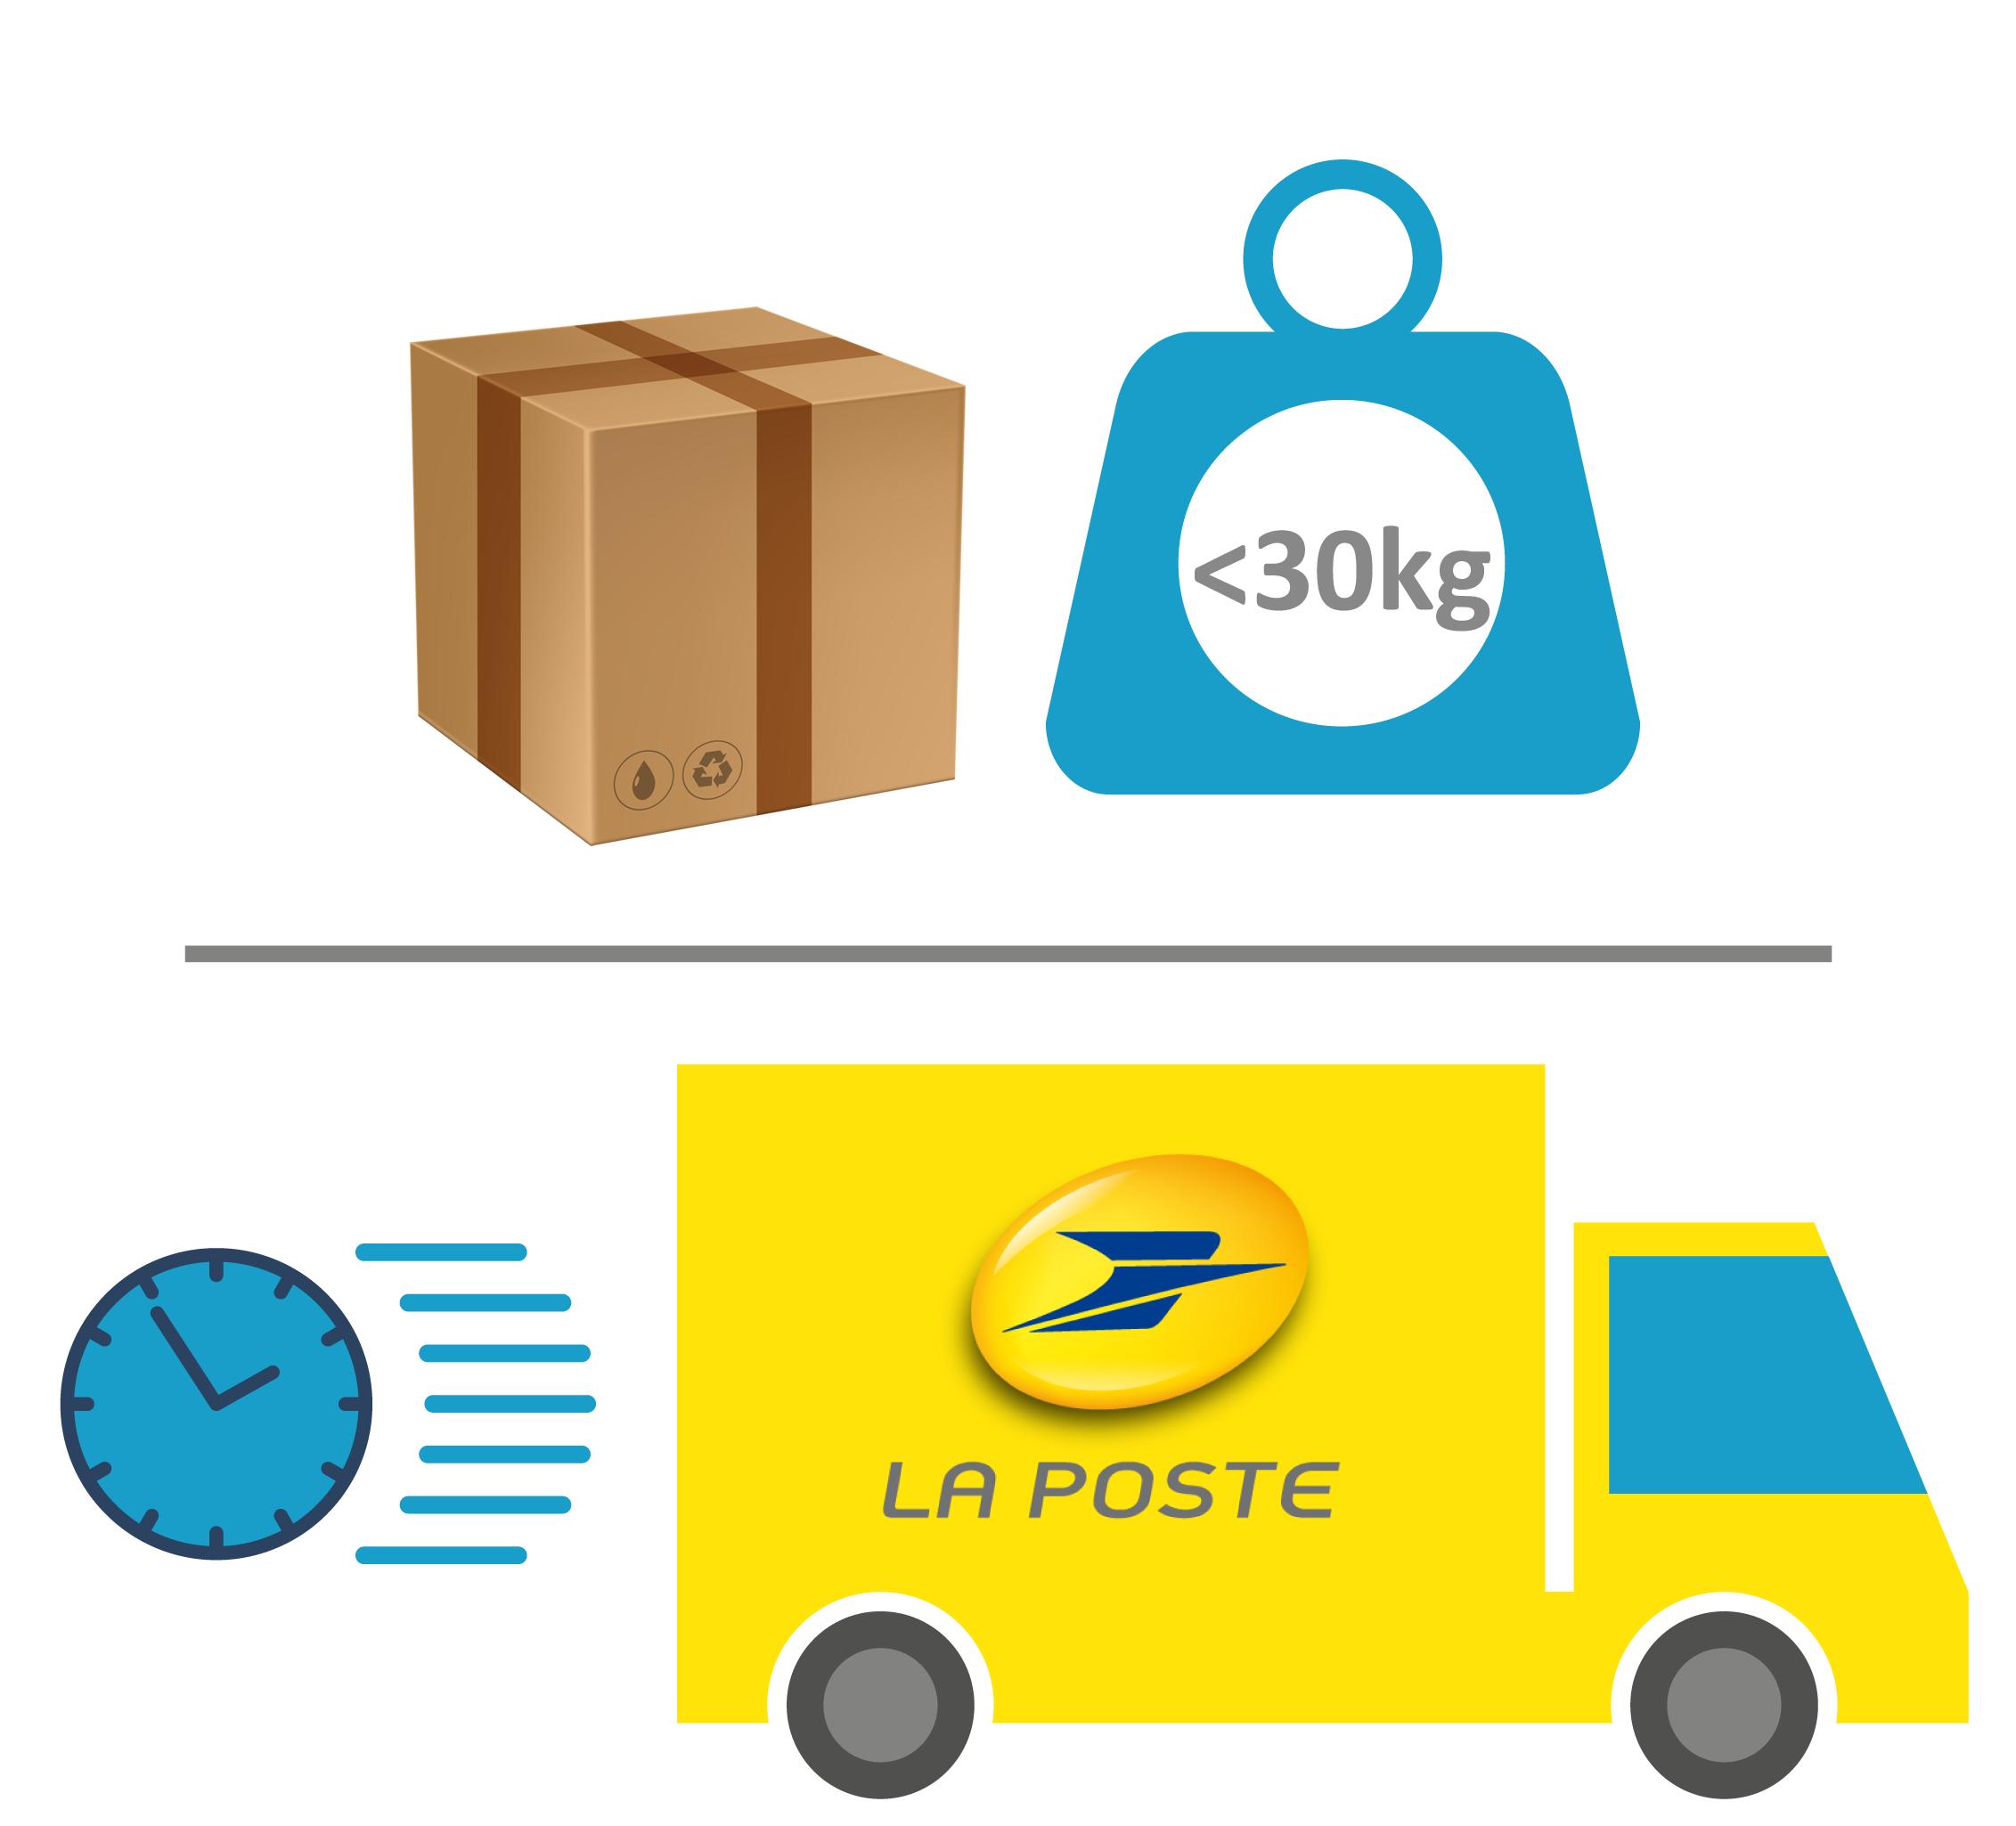 La livraison par la poste pour les colis jusqu'à 30 kg